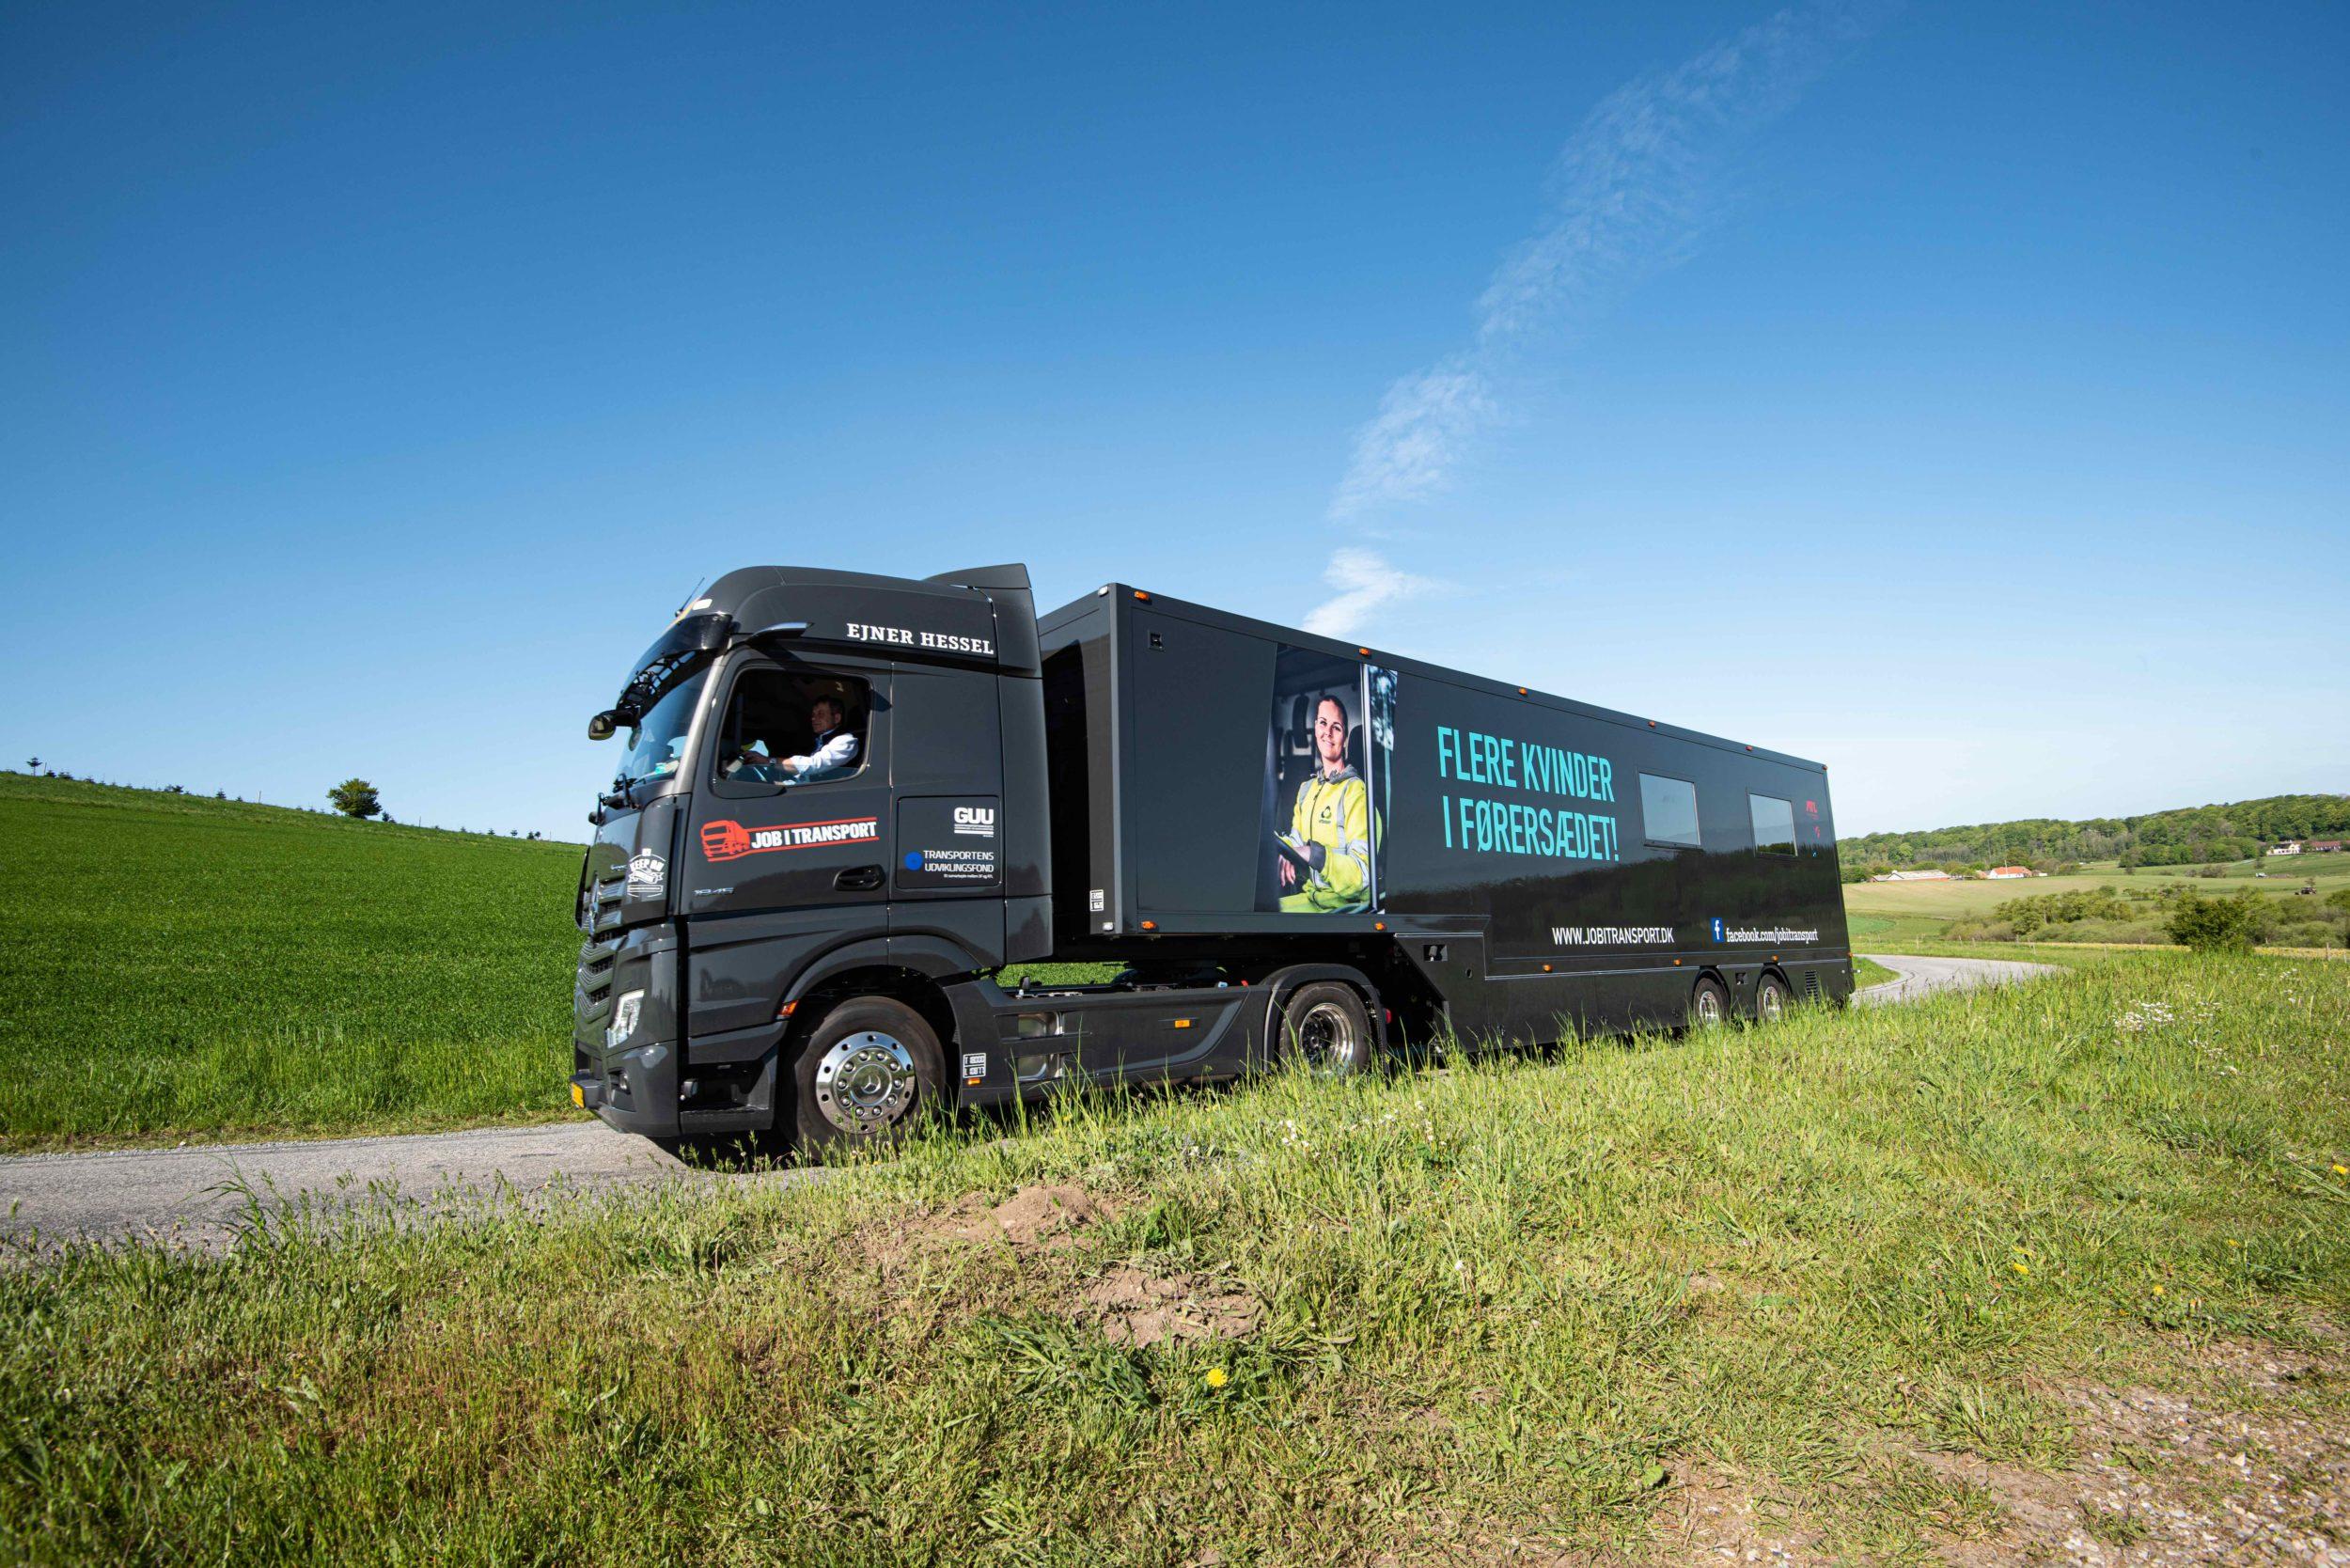 Populær kæmpe-truck besøger Tølløse